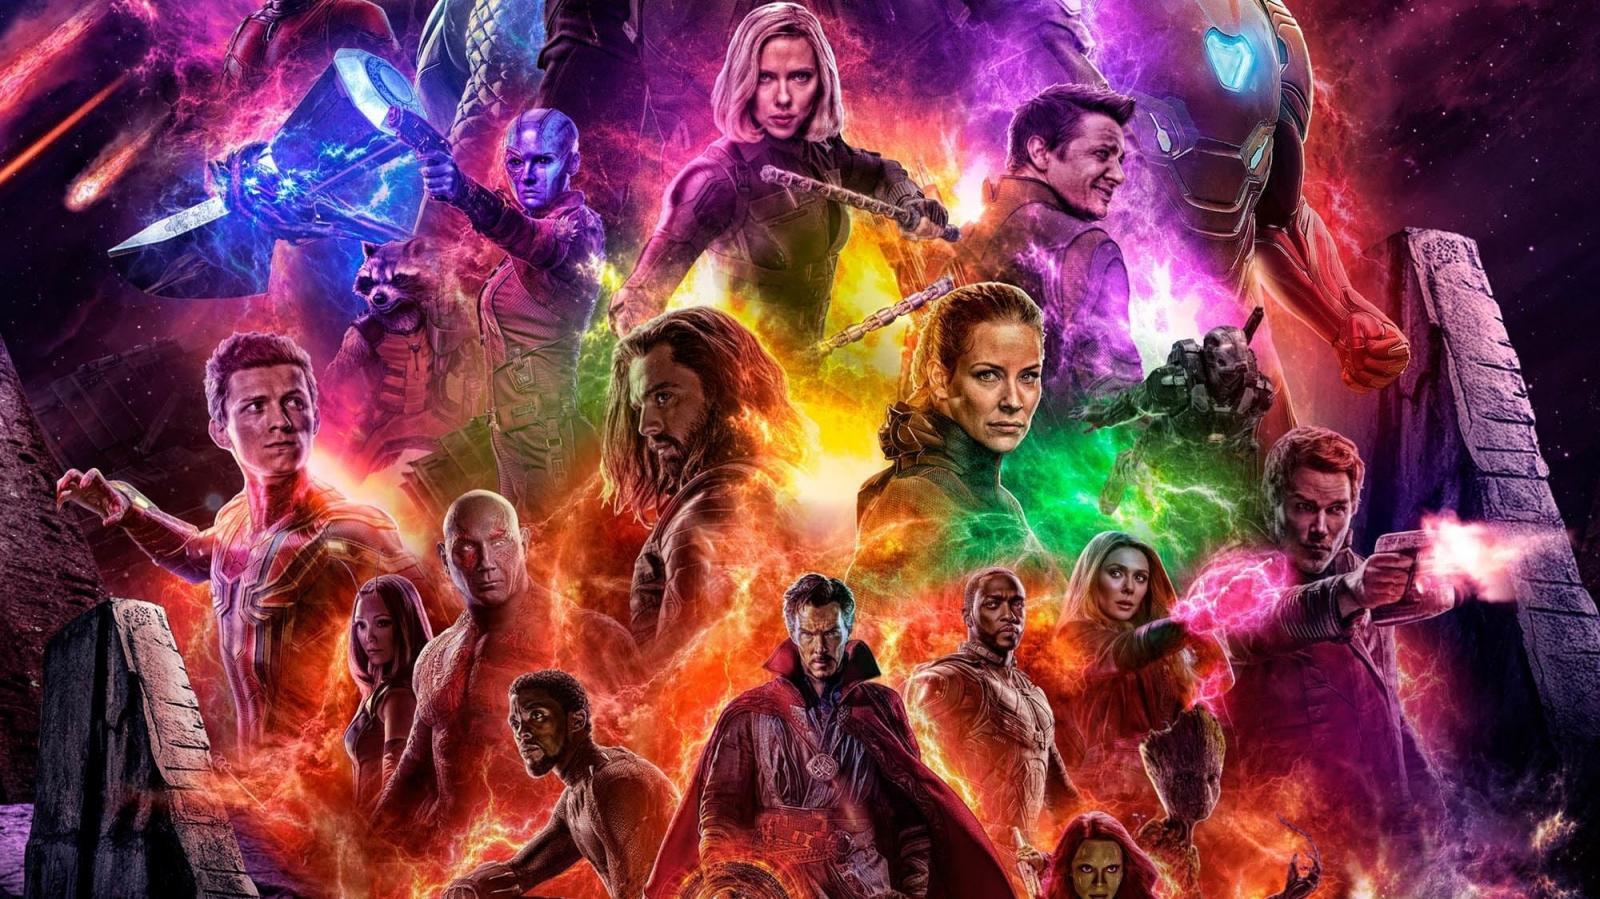 «Мстители: Финал» собрал 99% аудитории кинотеатров в день премьеры